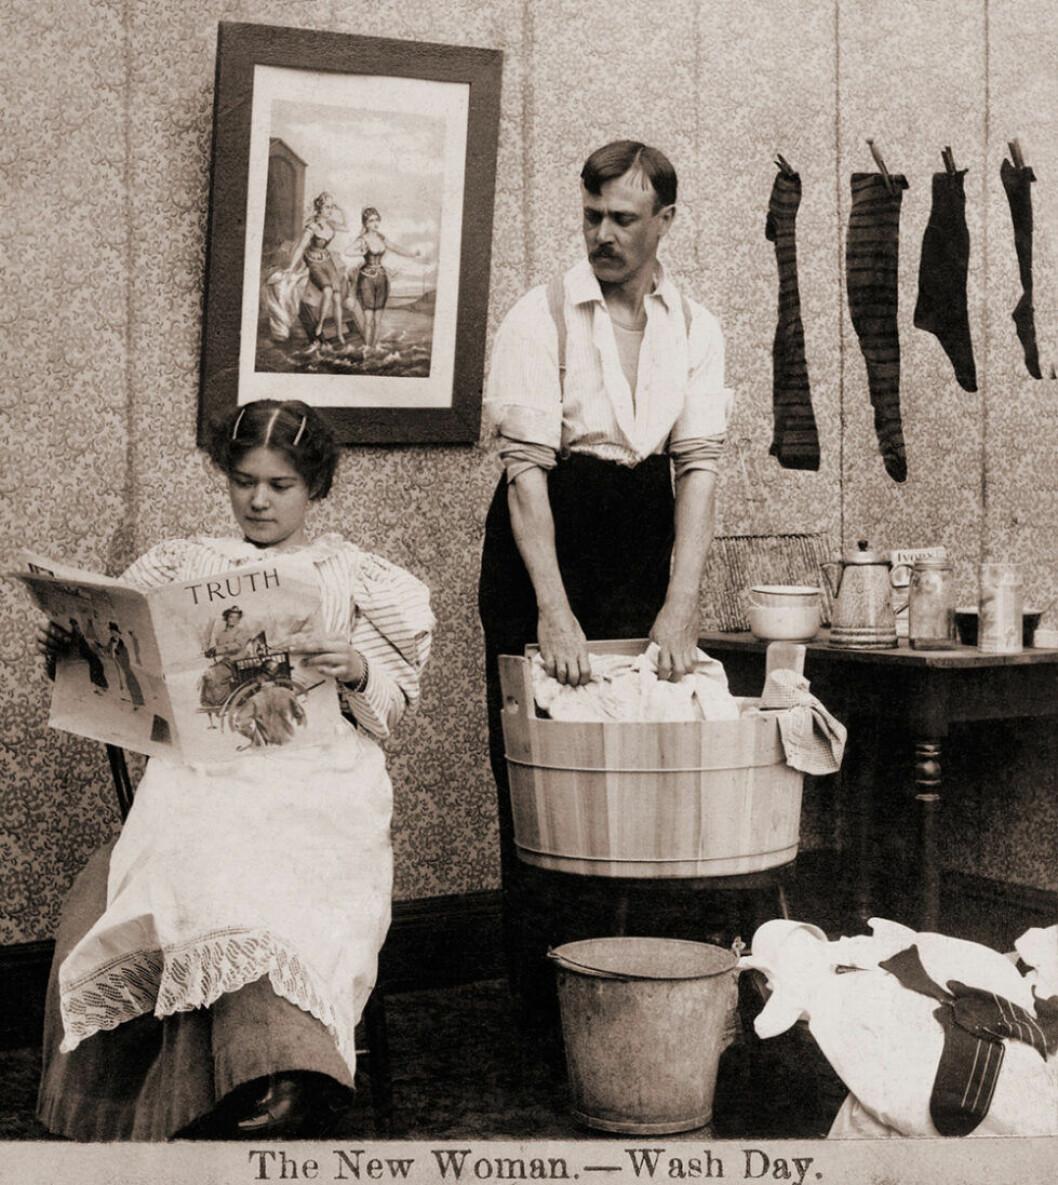 Kvinna läser tidningen samtidigt som mannen tvättar kläder.